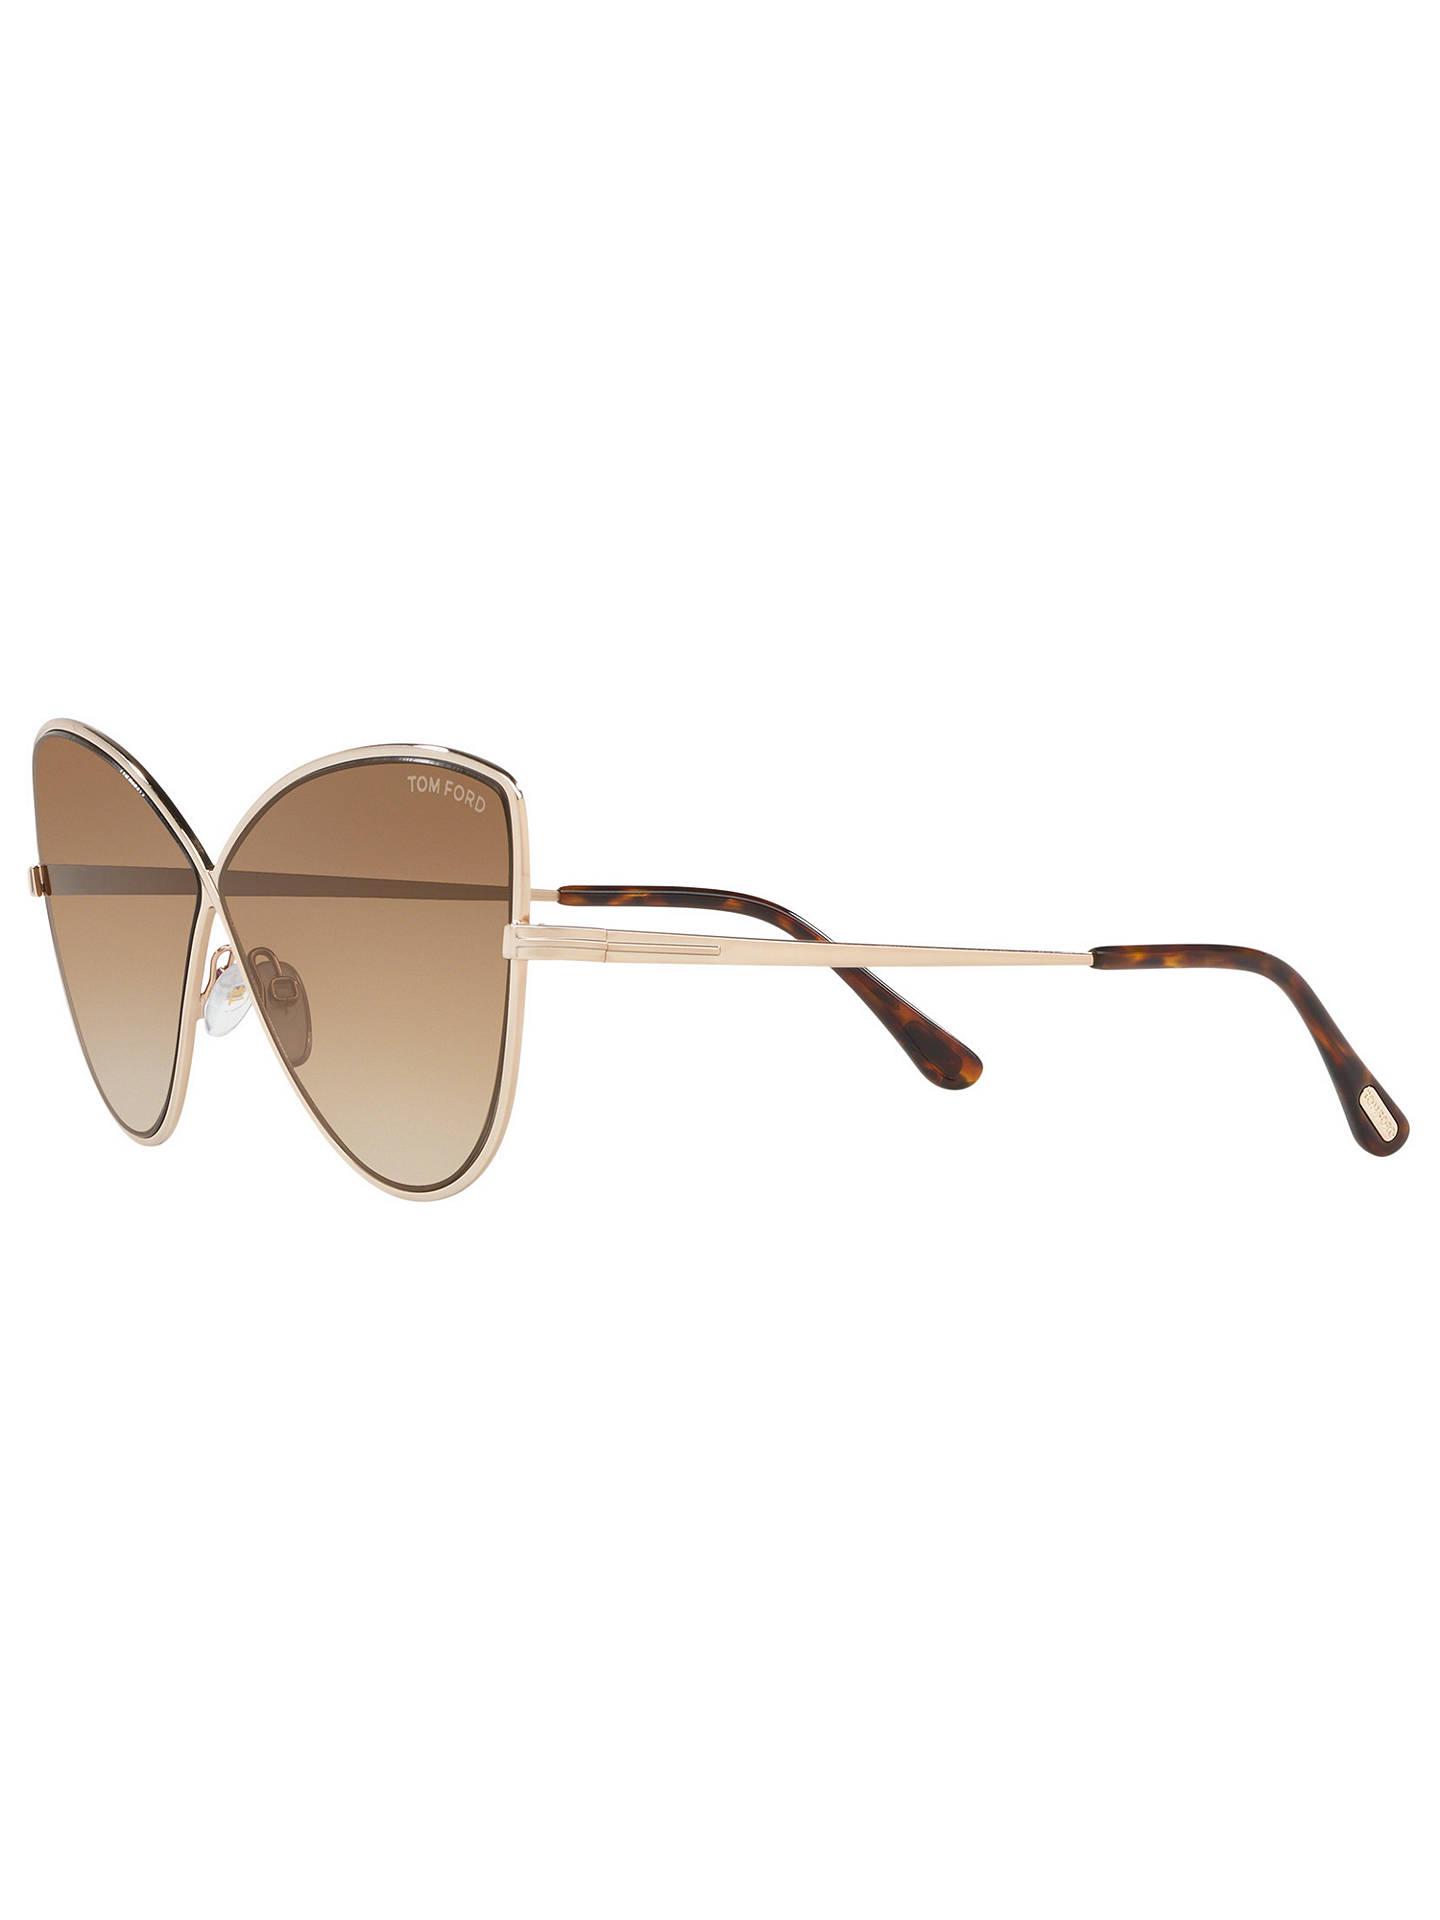 ff860d5d07c8 ... Buy TOM FORD FT0569 Elise-02 Cat s Eye Sunglasses